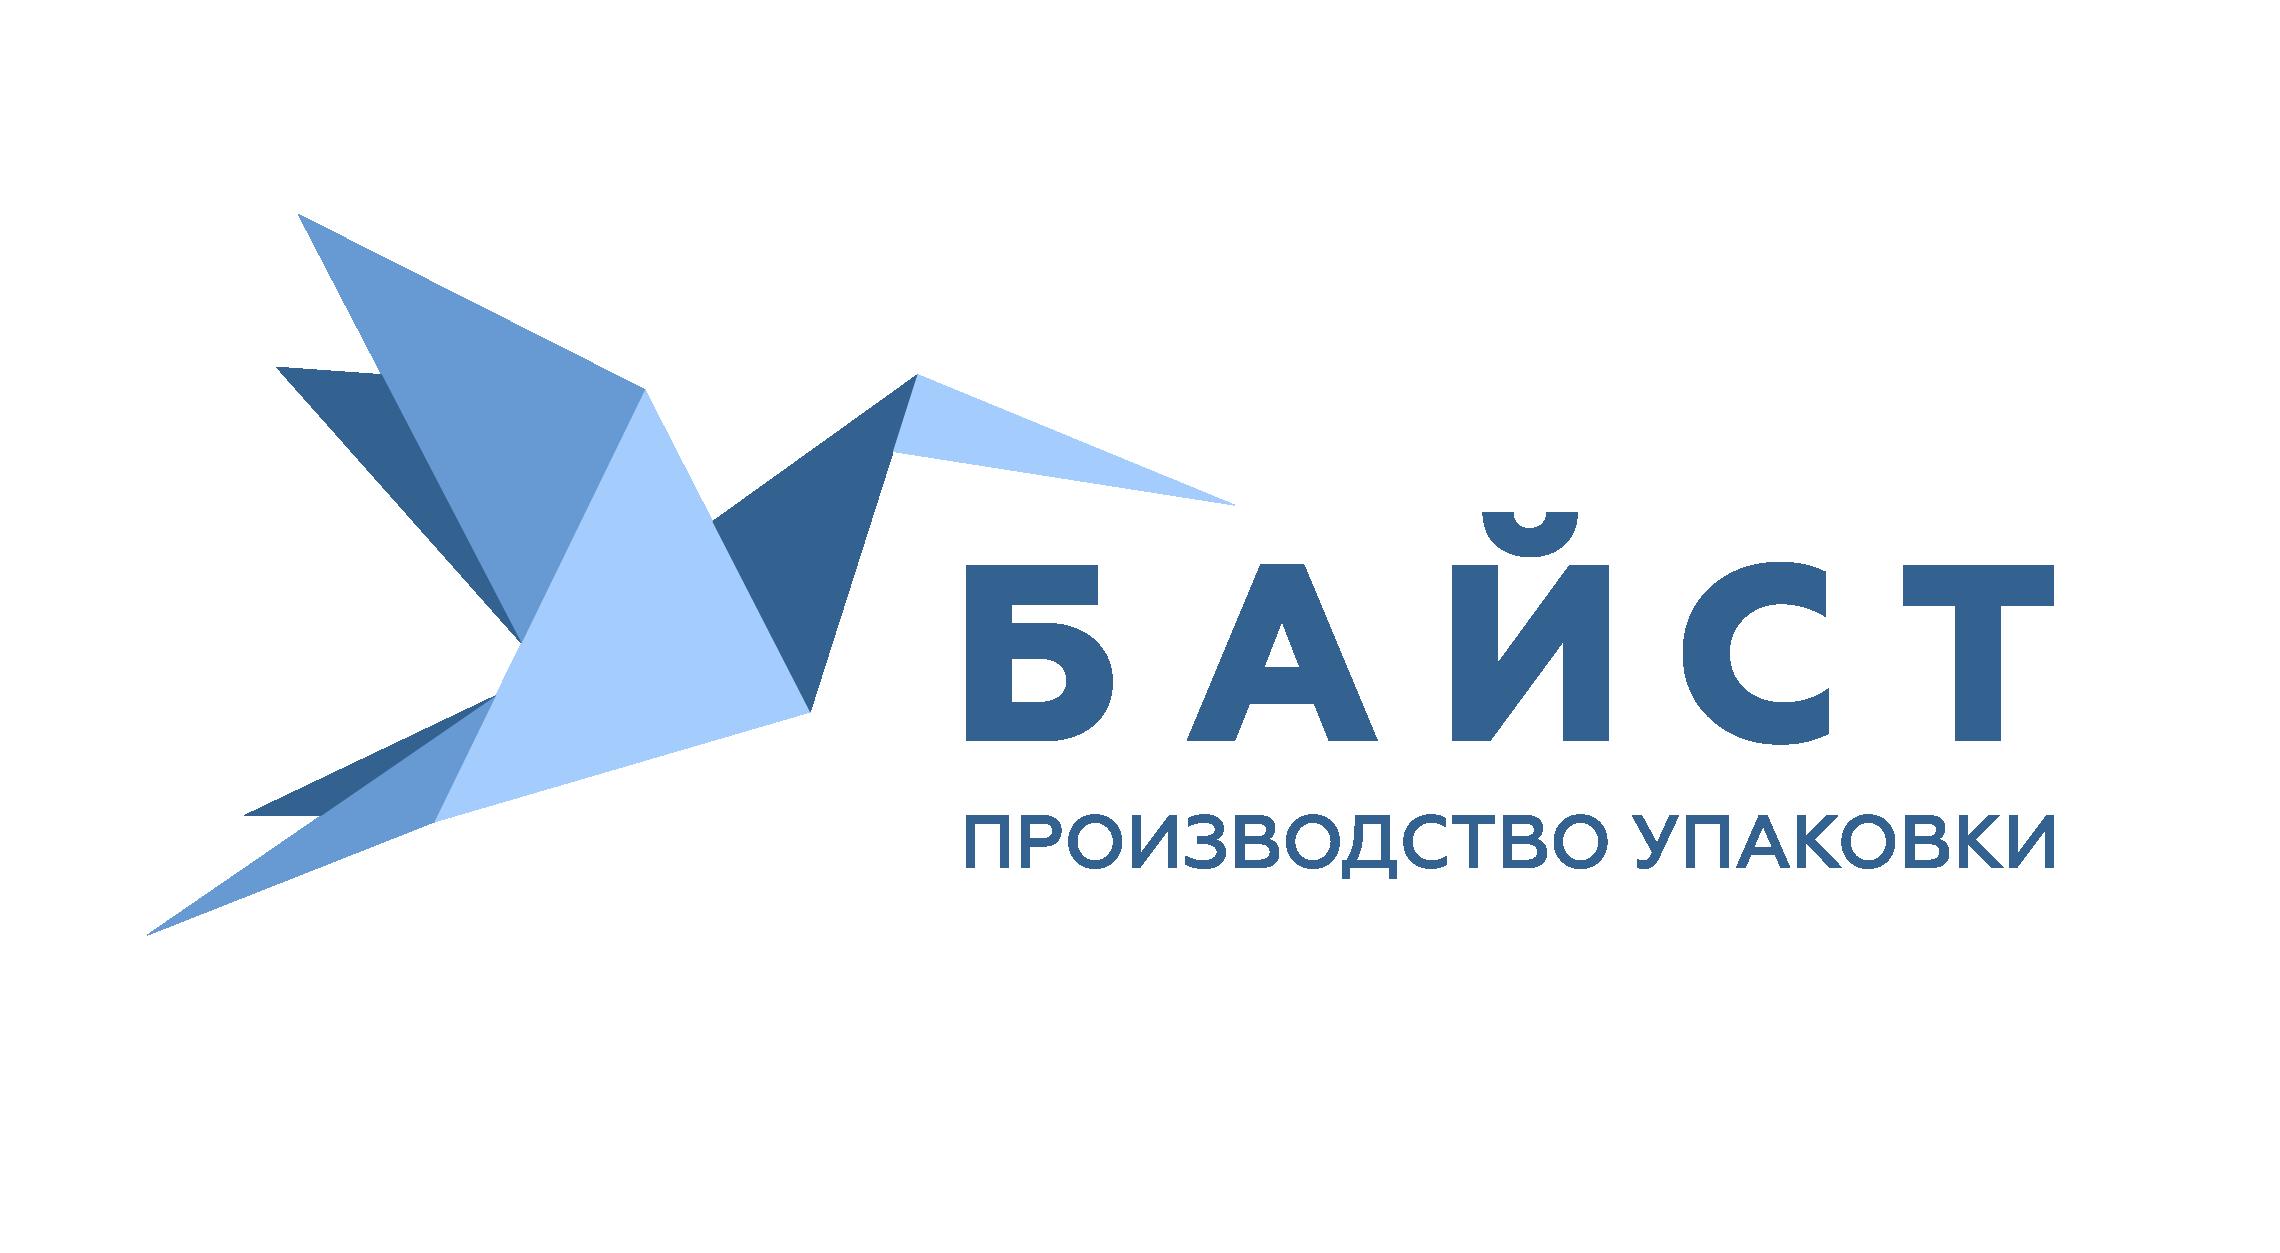 Байст - производственная компания